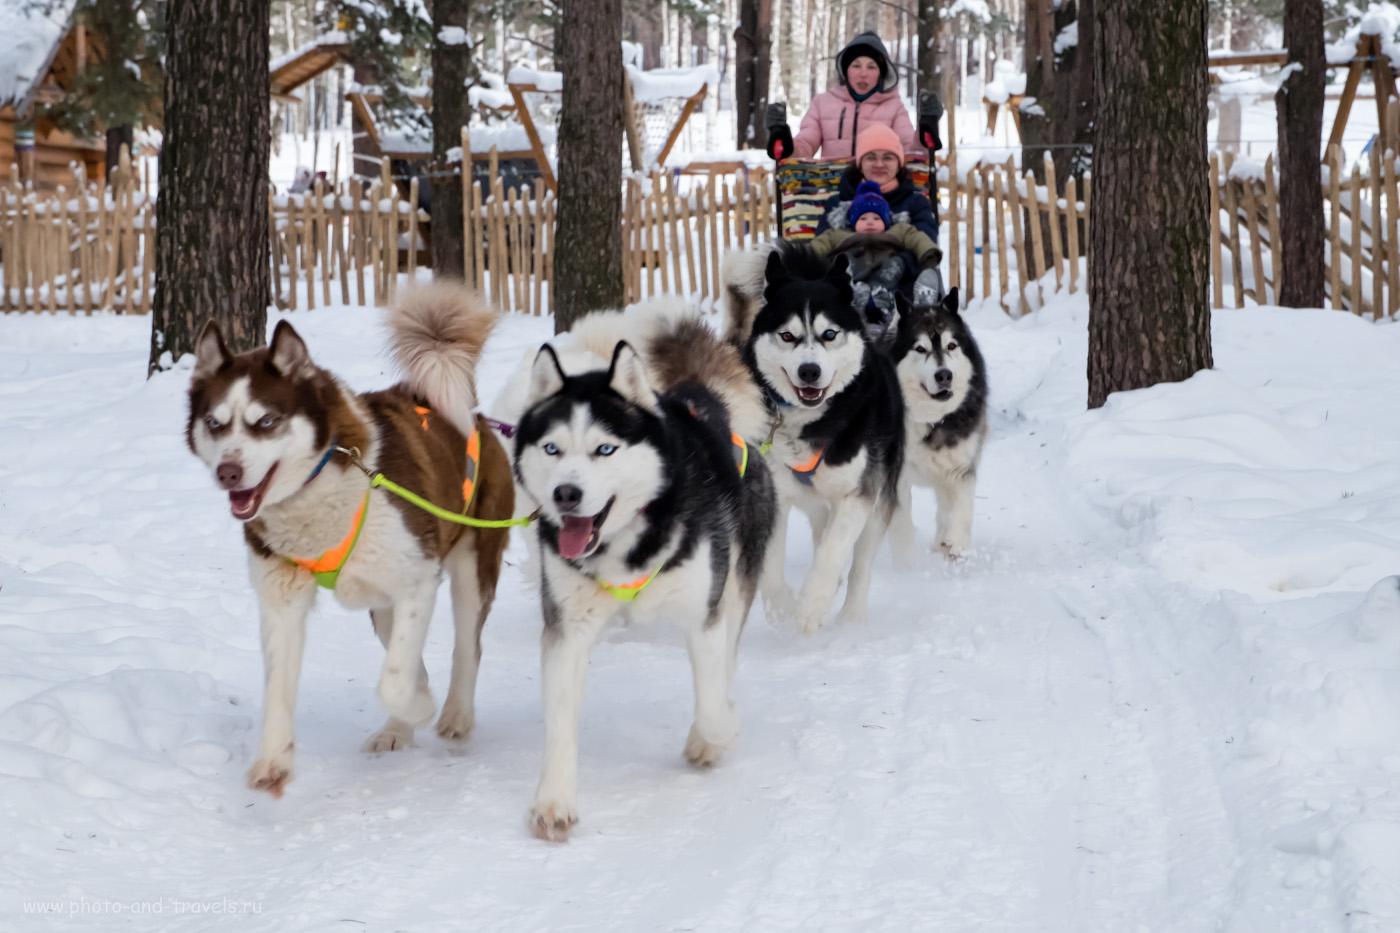 13. Если поедете в туристический поход в Слободу с детьми, по пути можно посетить Первоуральск, чтобы покататься в упряжке с лайками.